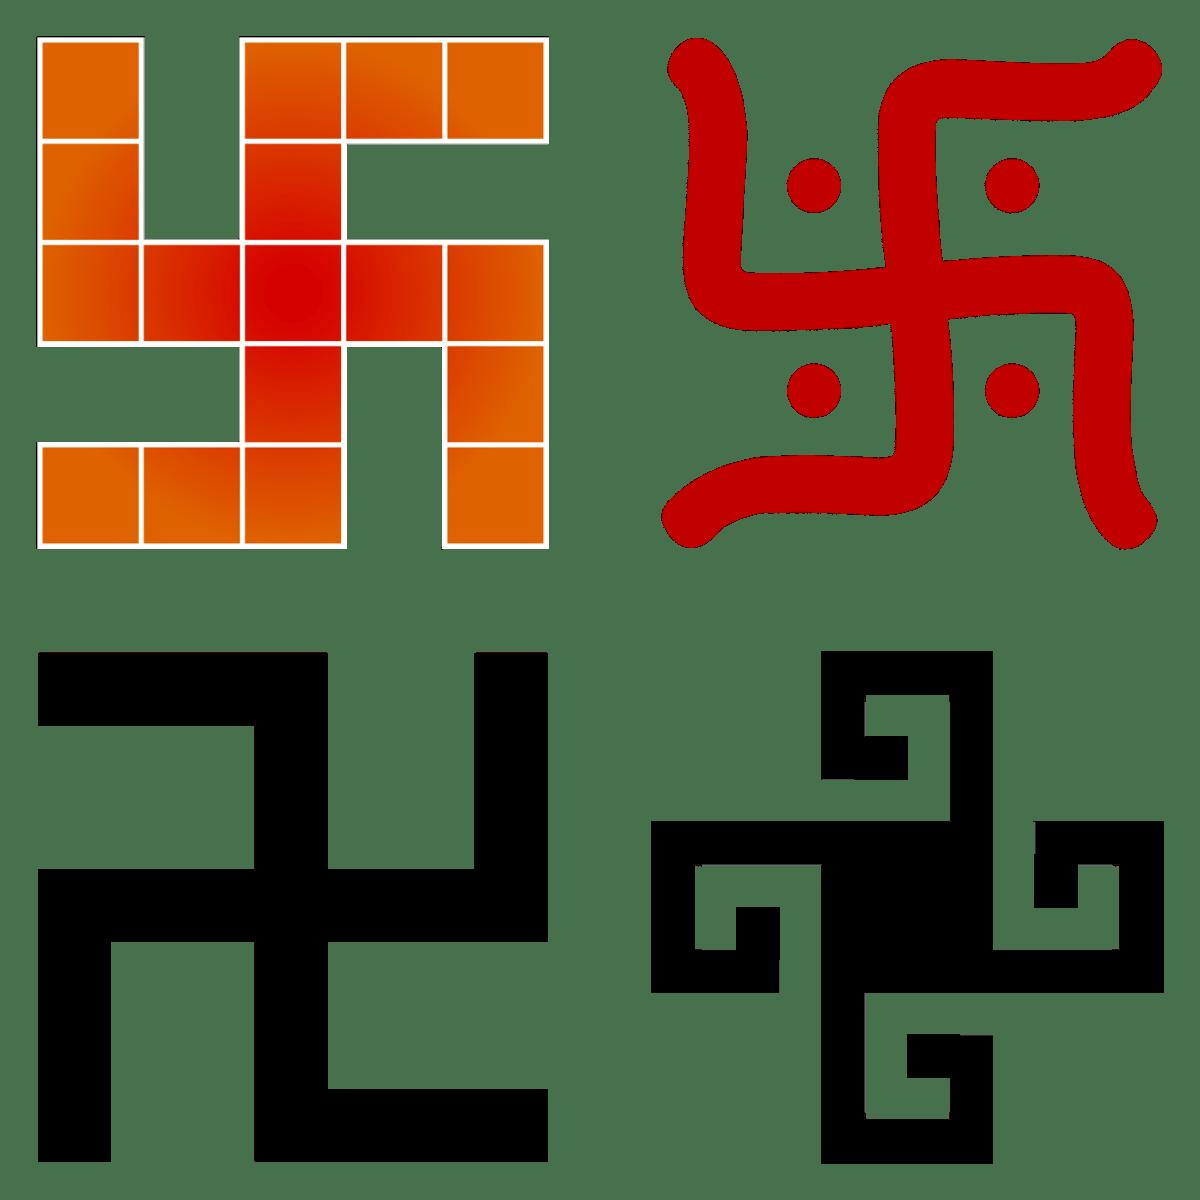 Swastika - Wikipedia